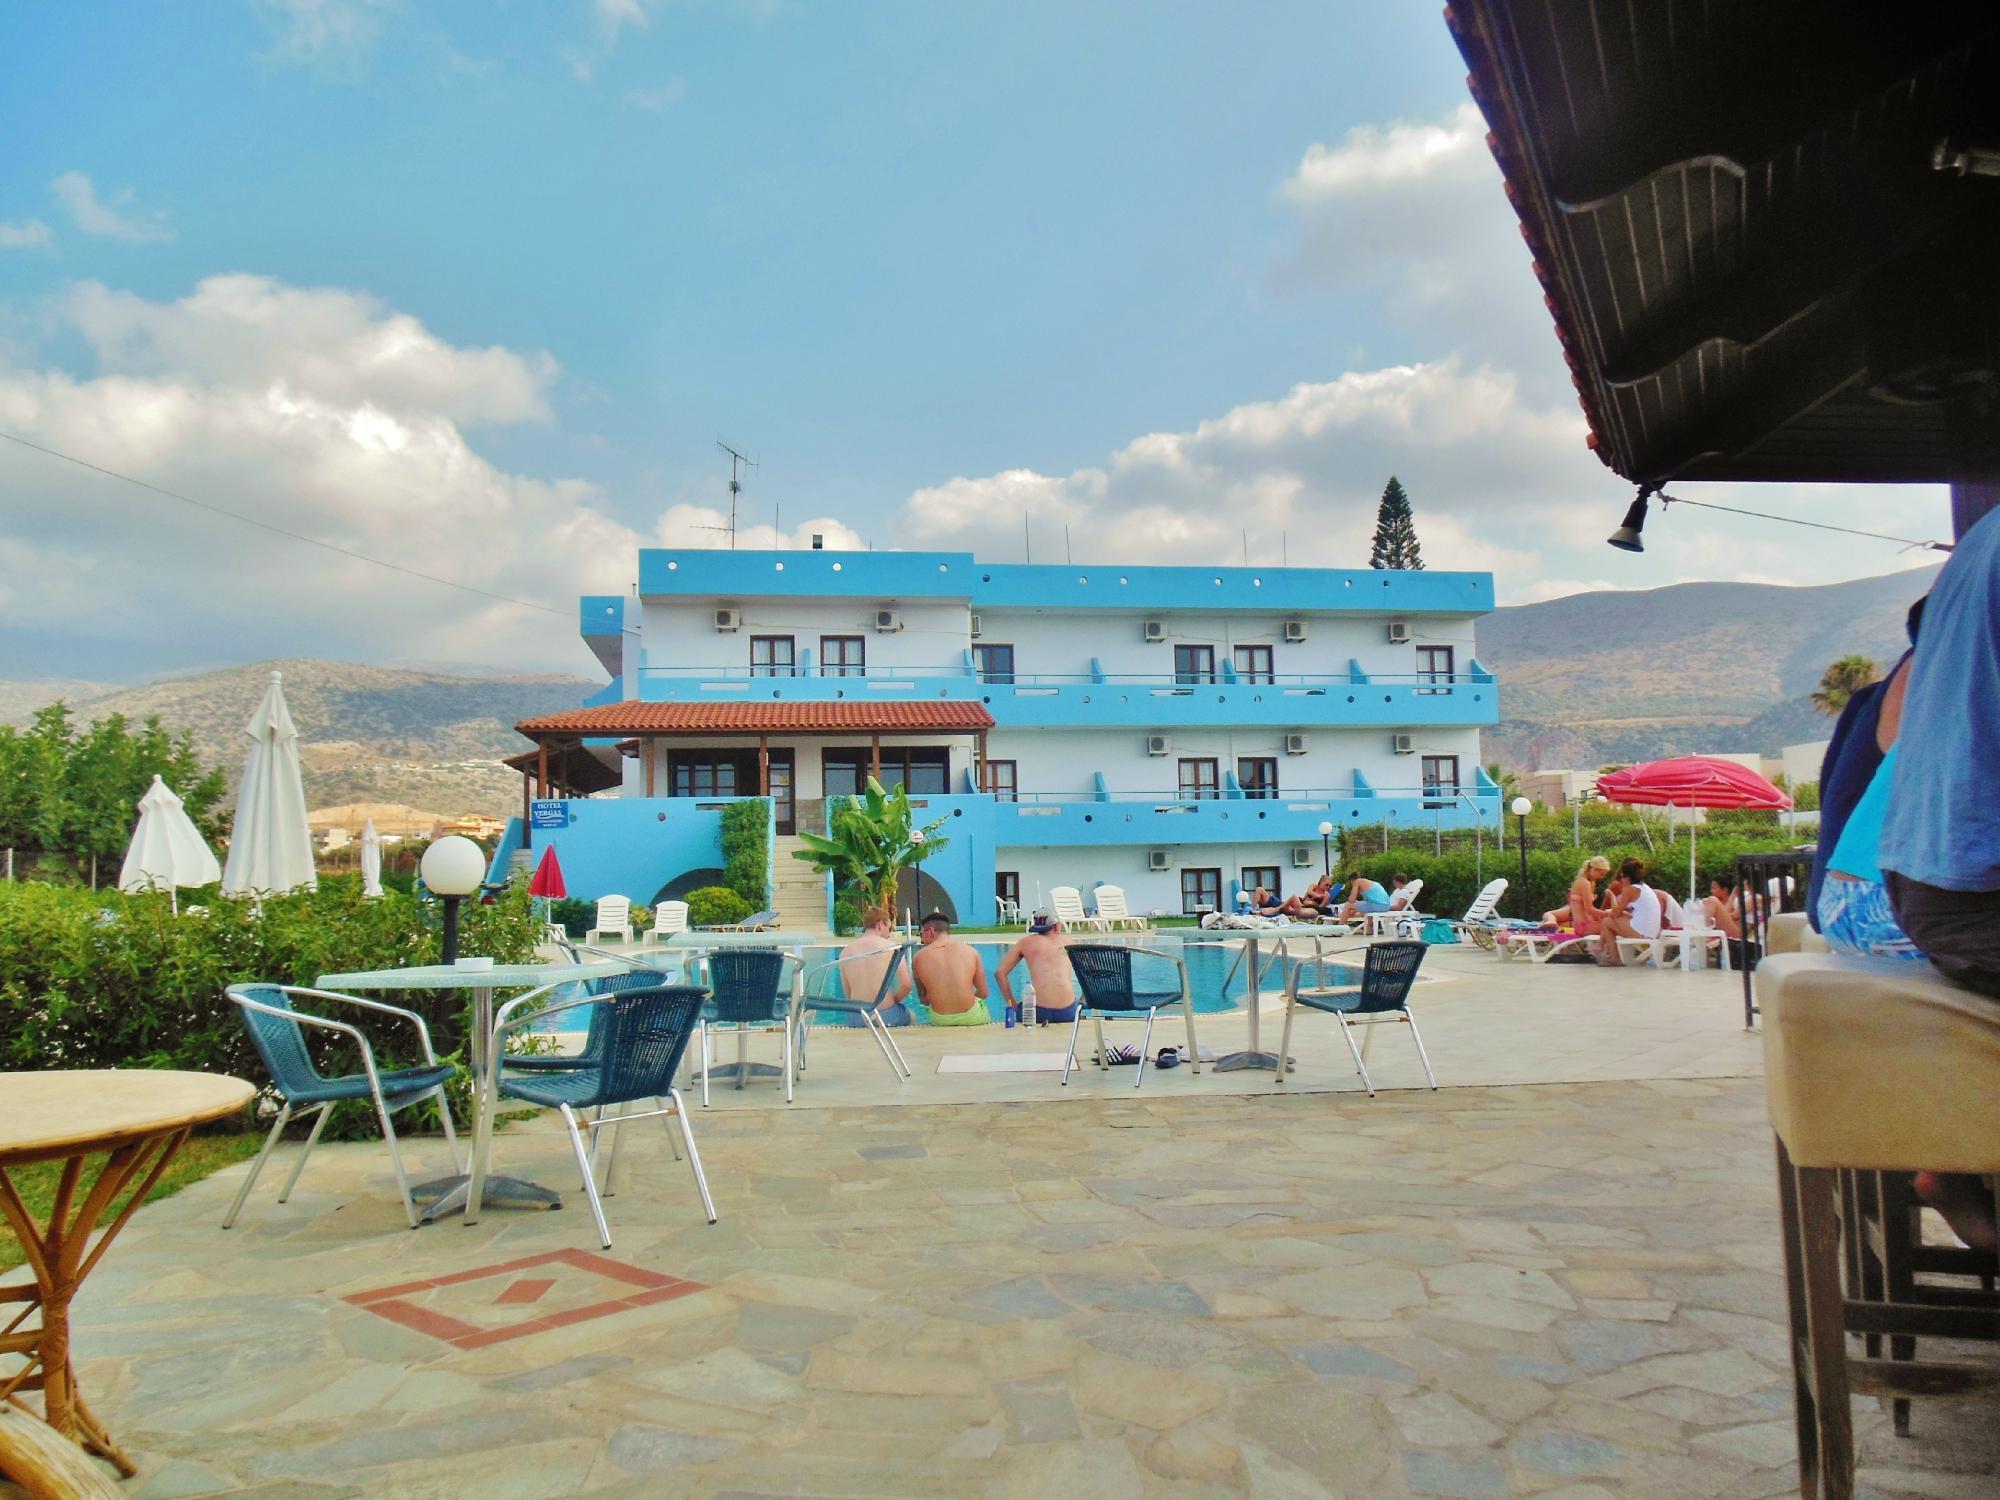 Hotel Vergas